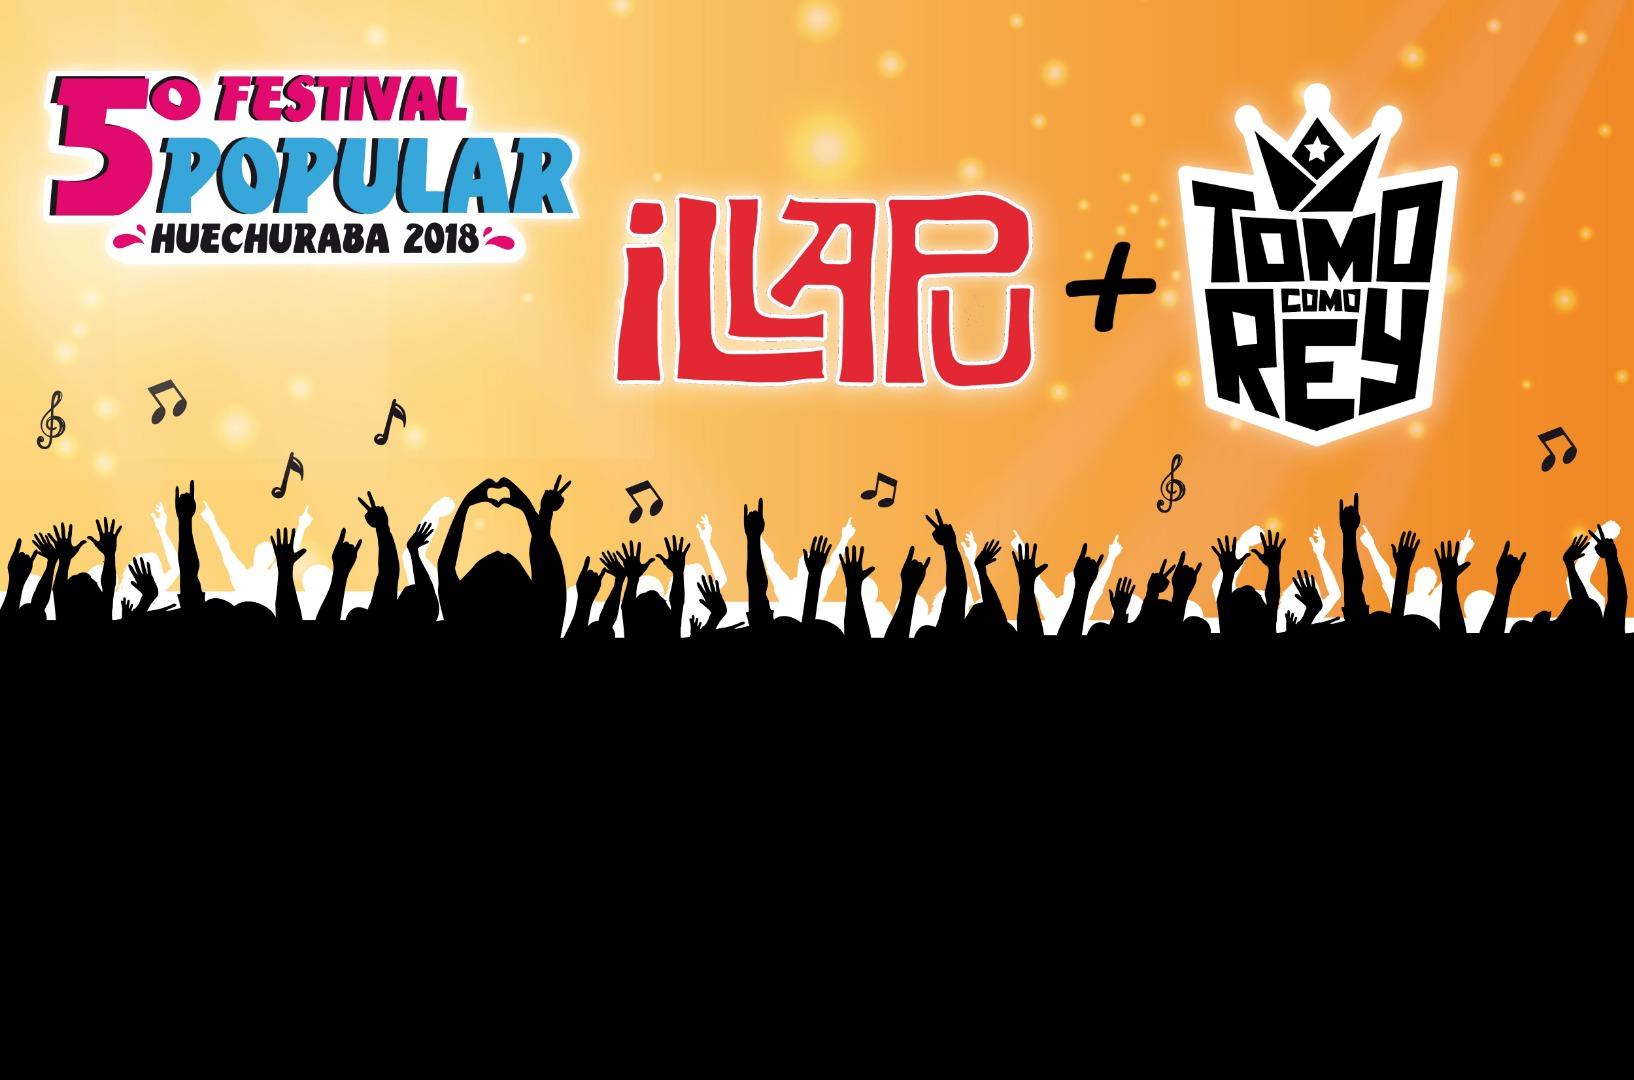 Nueva versión del Festival Popular